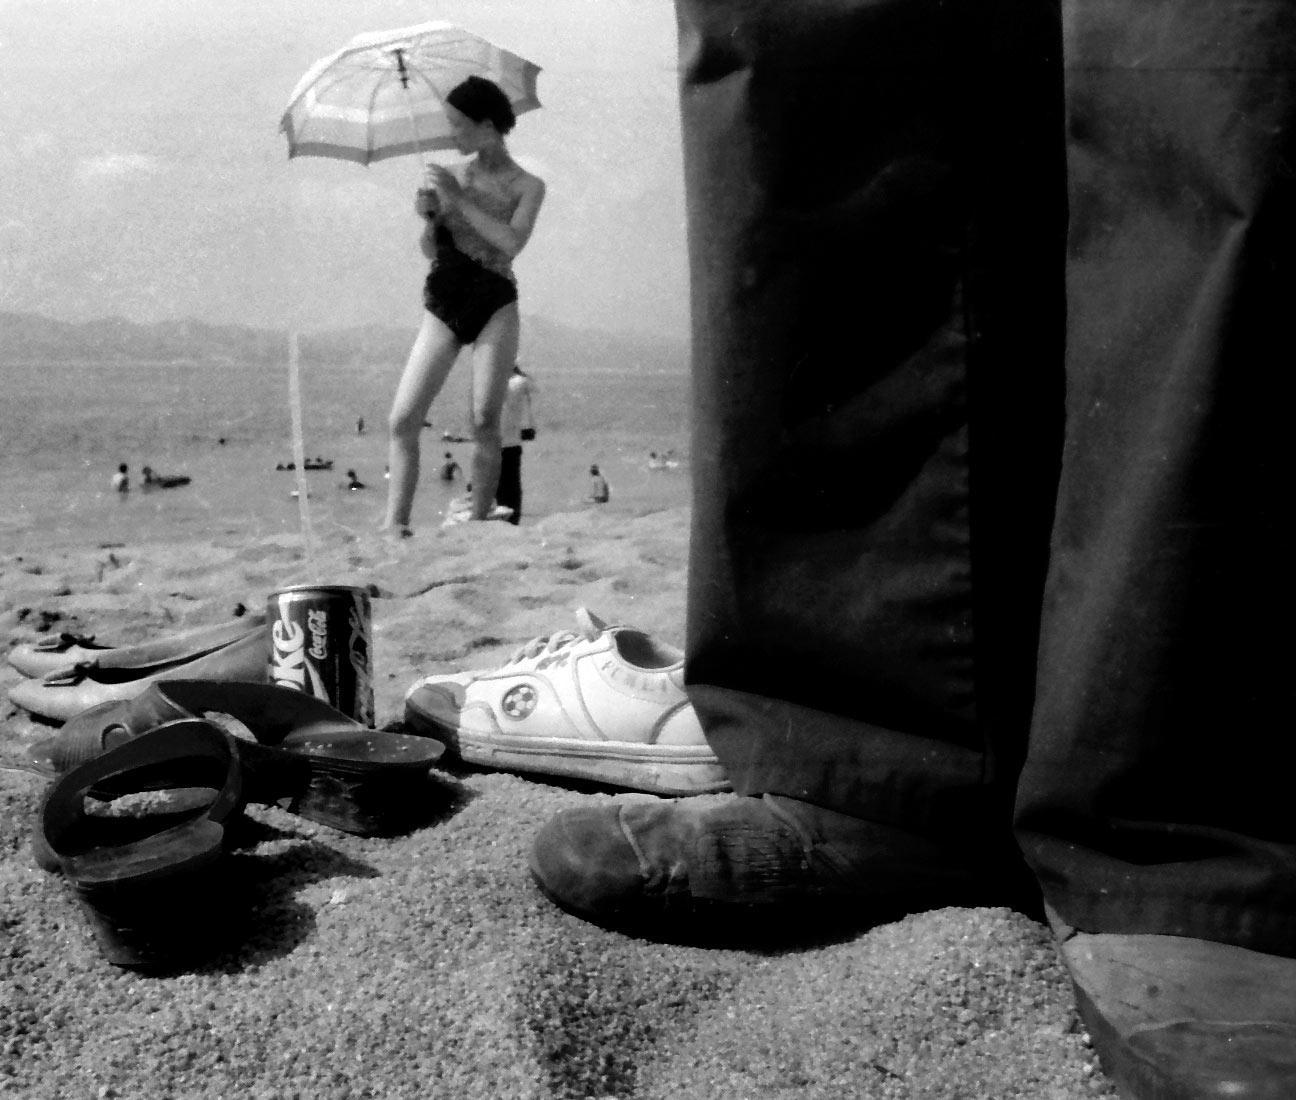 焦红辉,《海滩》,厦门鼓浪屿,1987年。无酸纸微喷